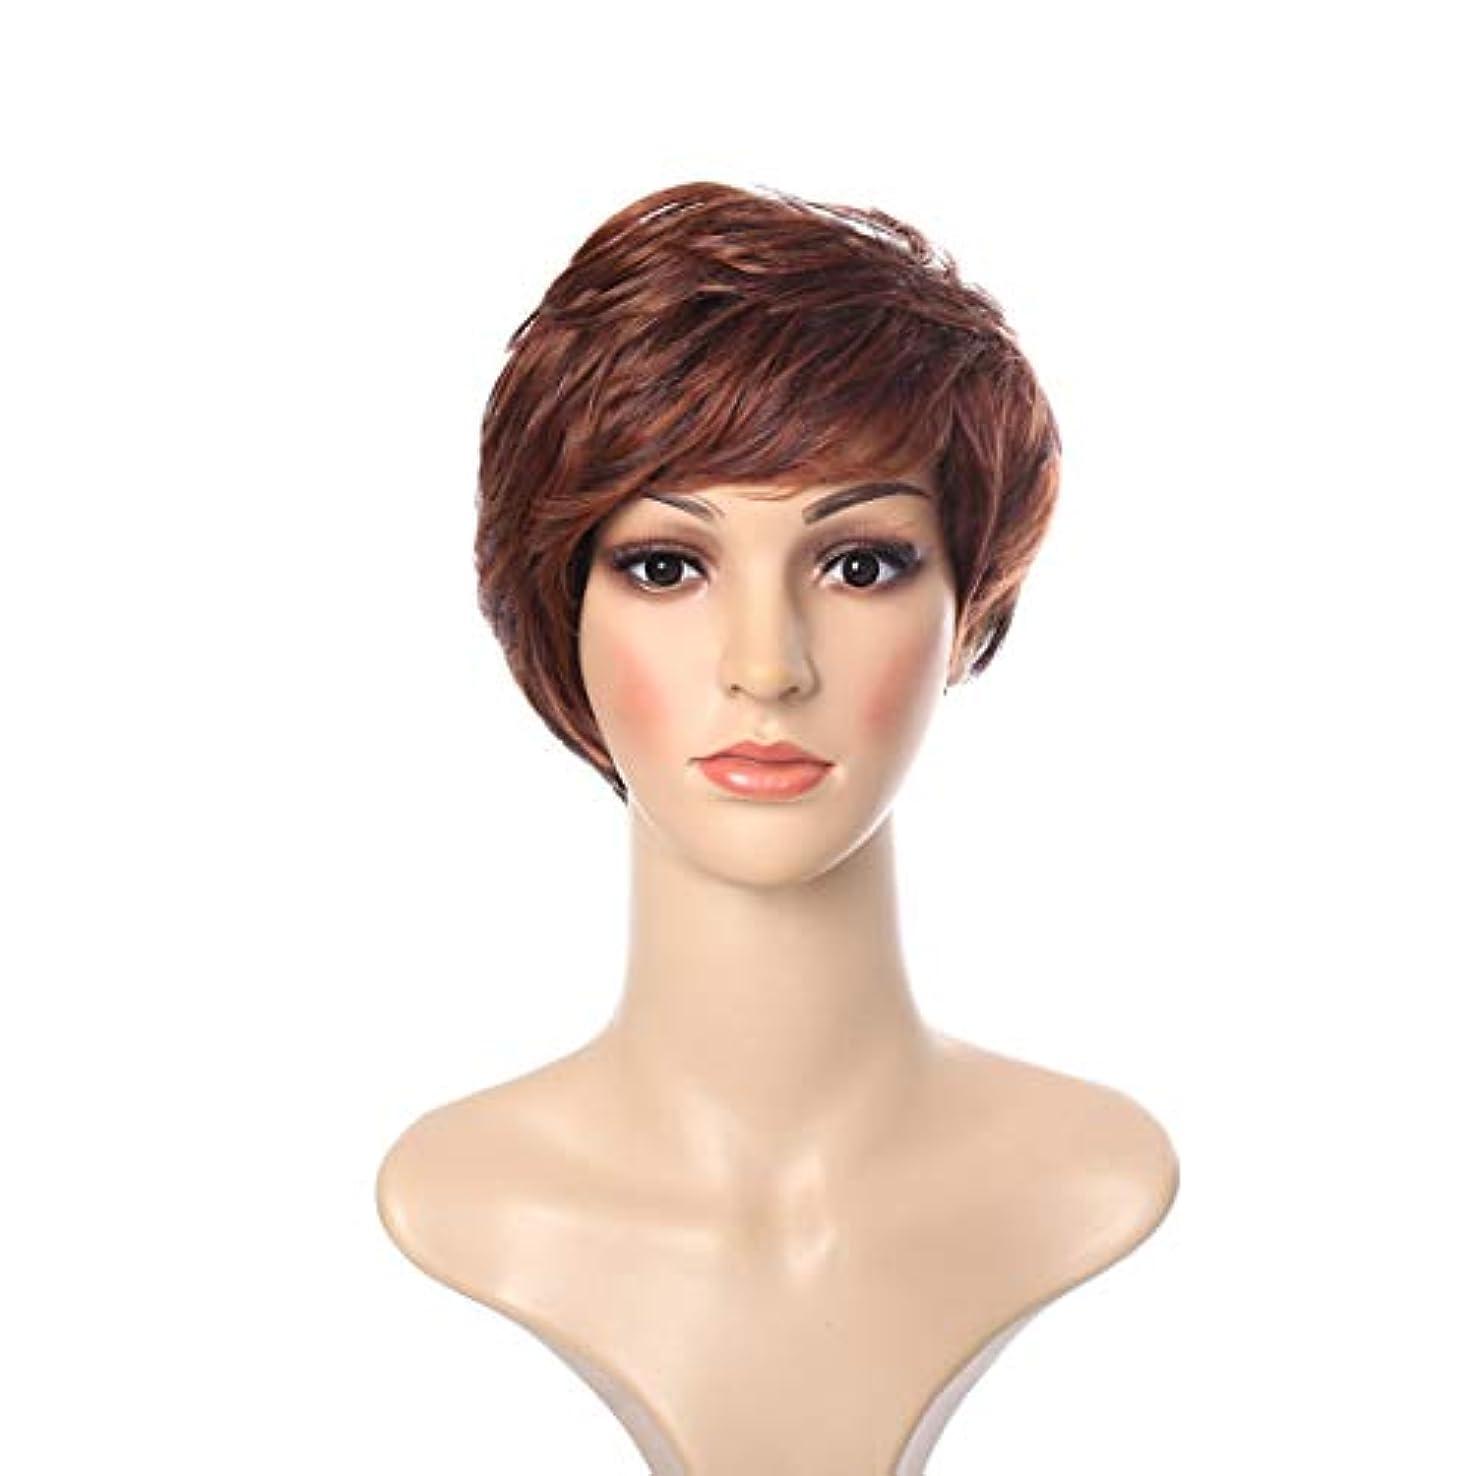 実施する汚い昨日JIANFU ふわふわの偽のヘッドギアは、勾配ヨーロッパとアメリカのヘアスタイルの女性のショートヘアカール (Color : ブラウン)